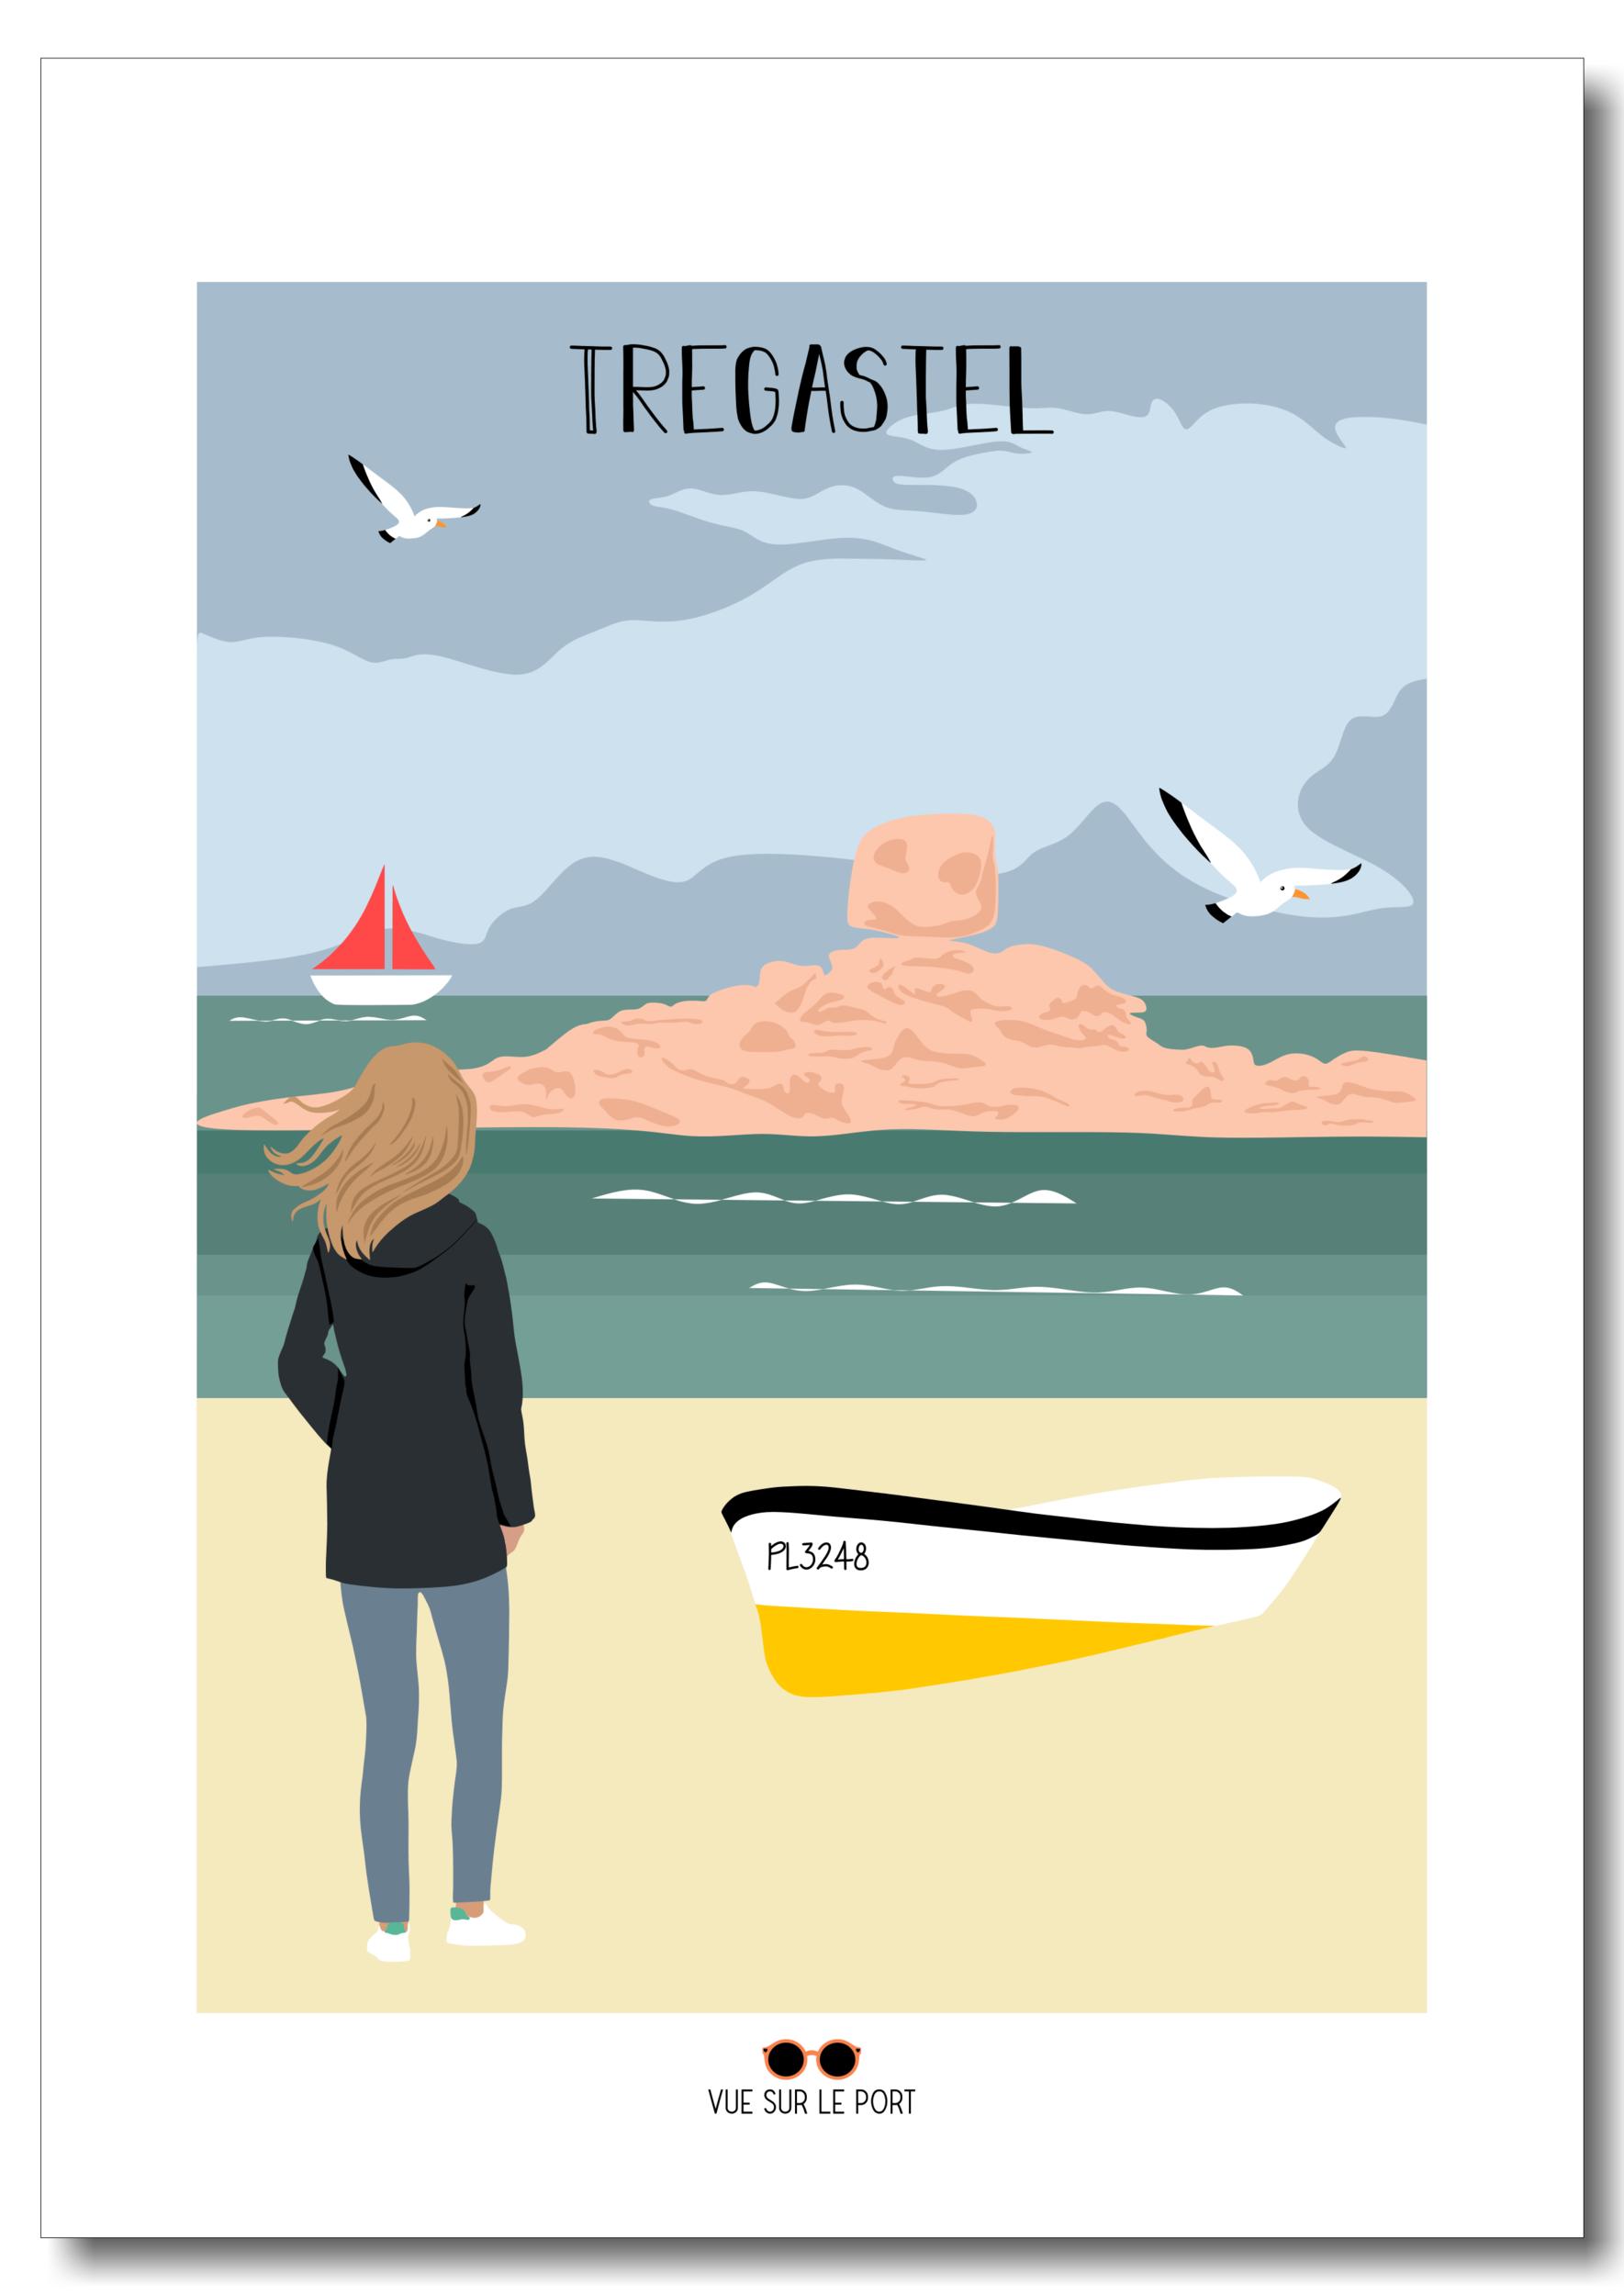 Affiche Tregastel